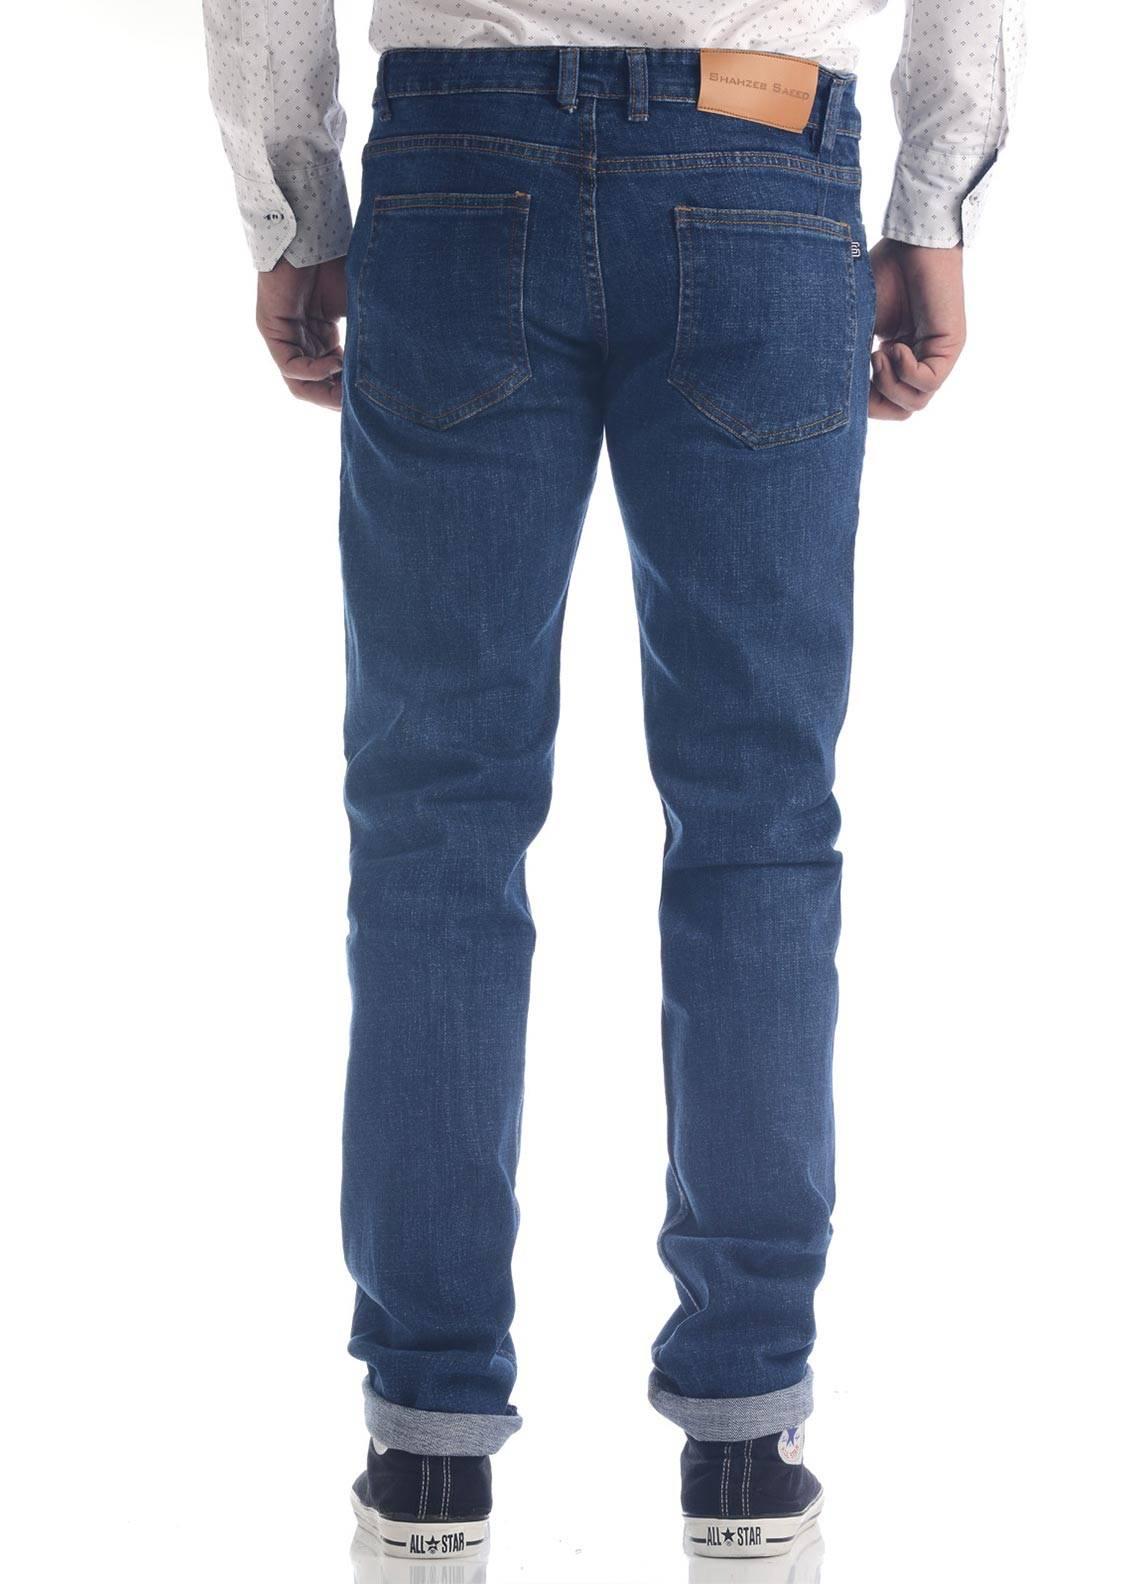 Shahzeb Saeed Denim Casual Men Jeans - Blue DNM-93